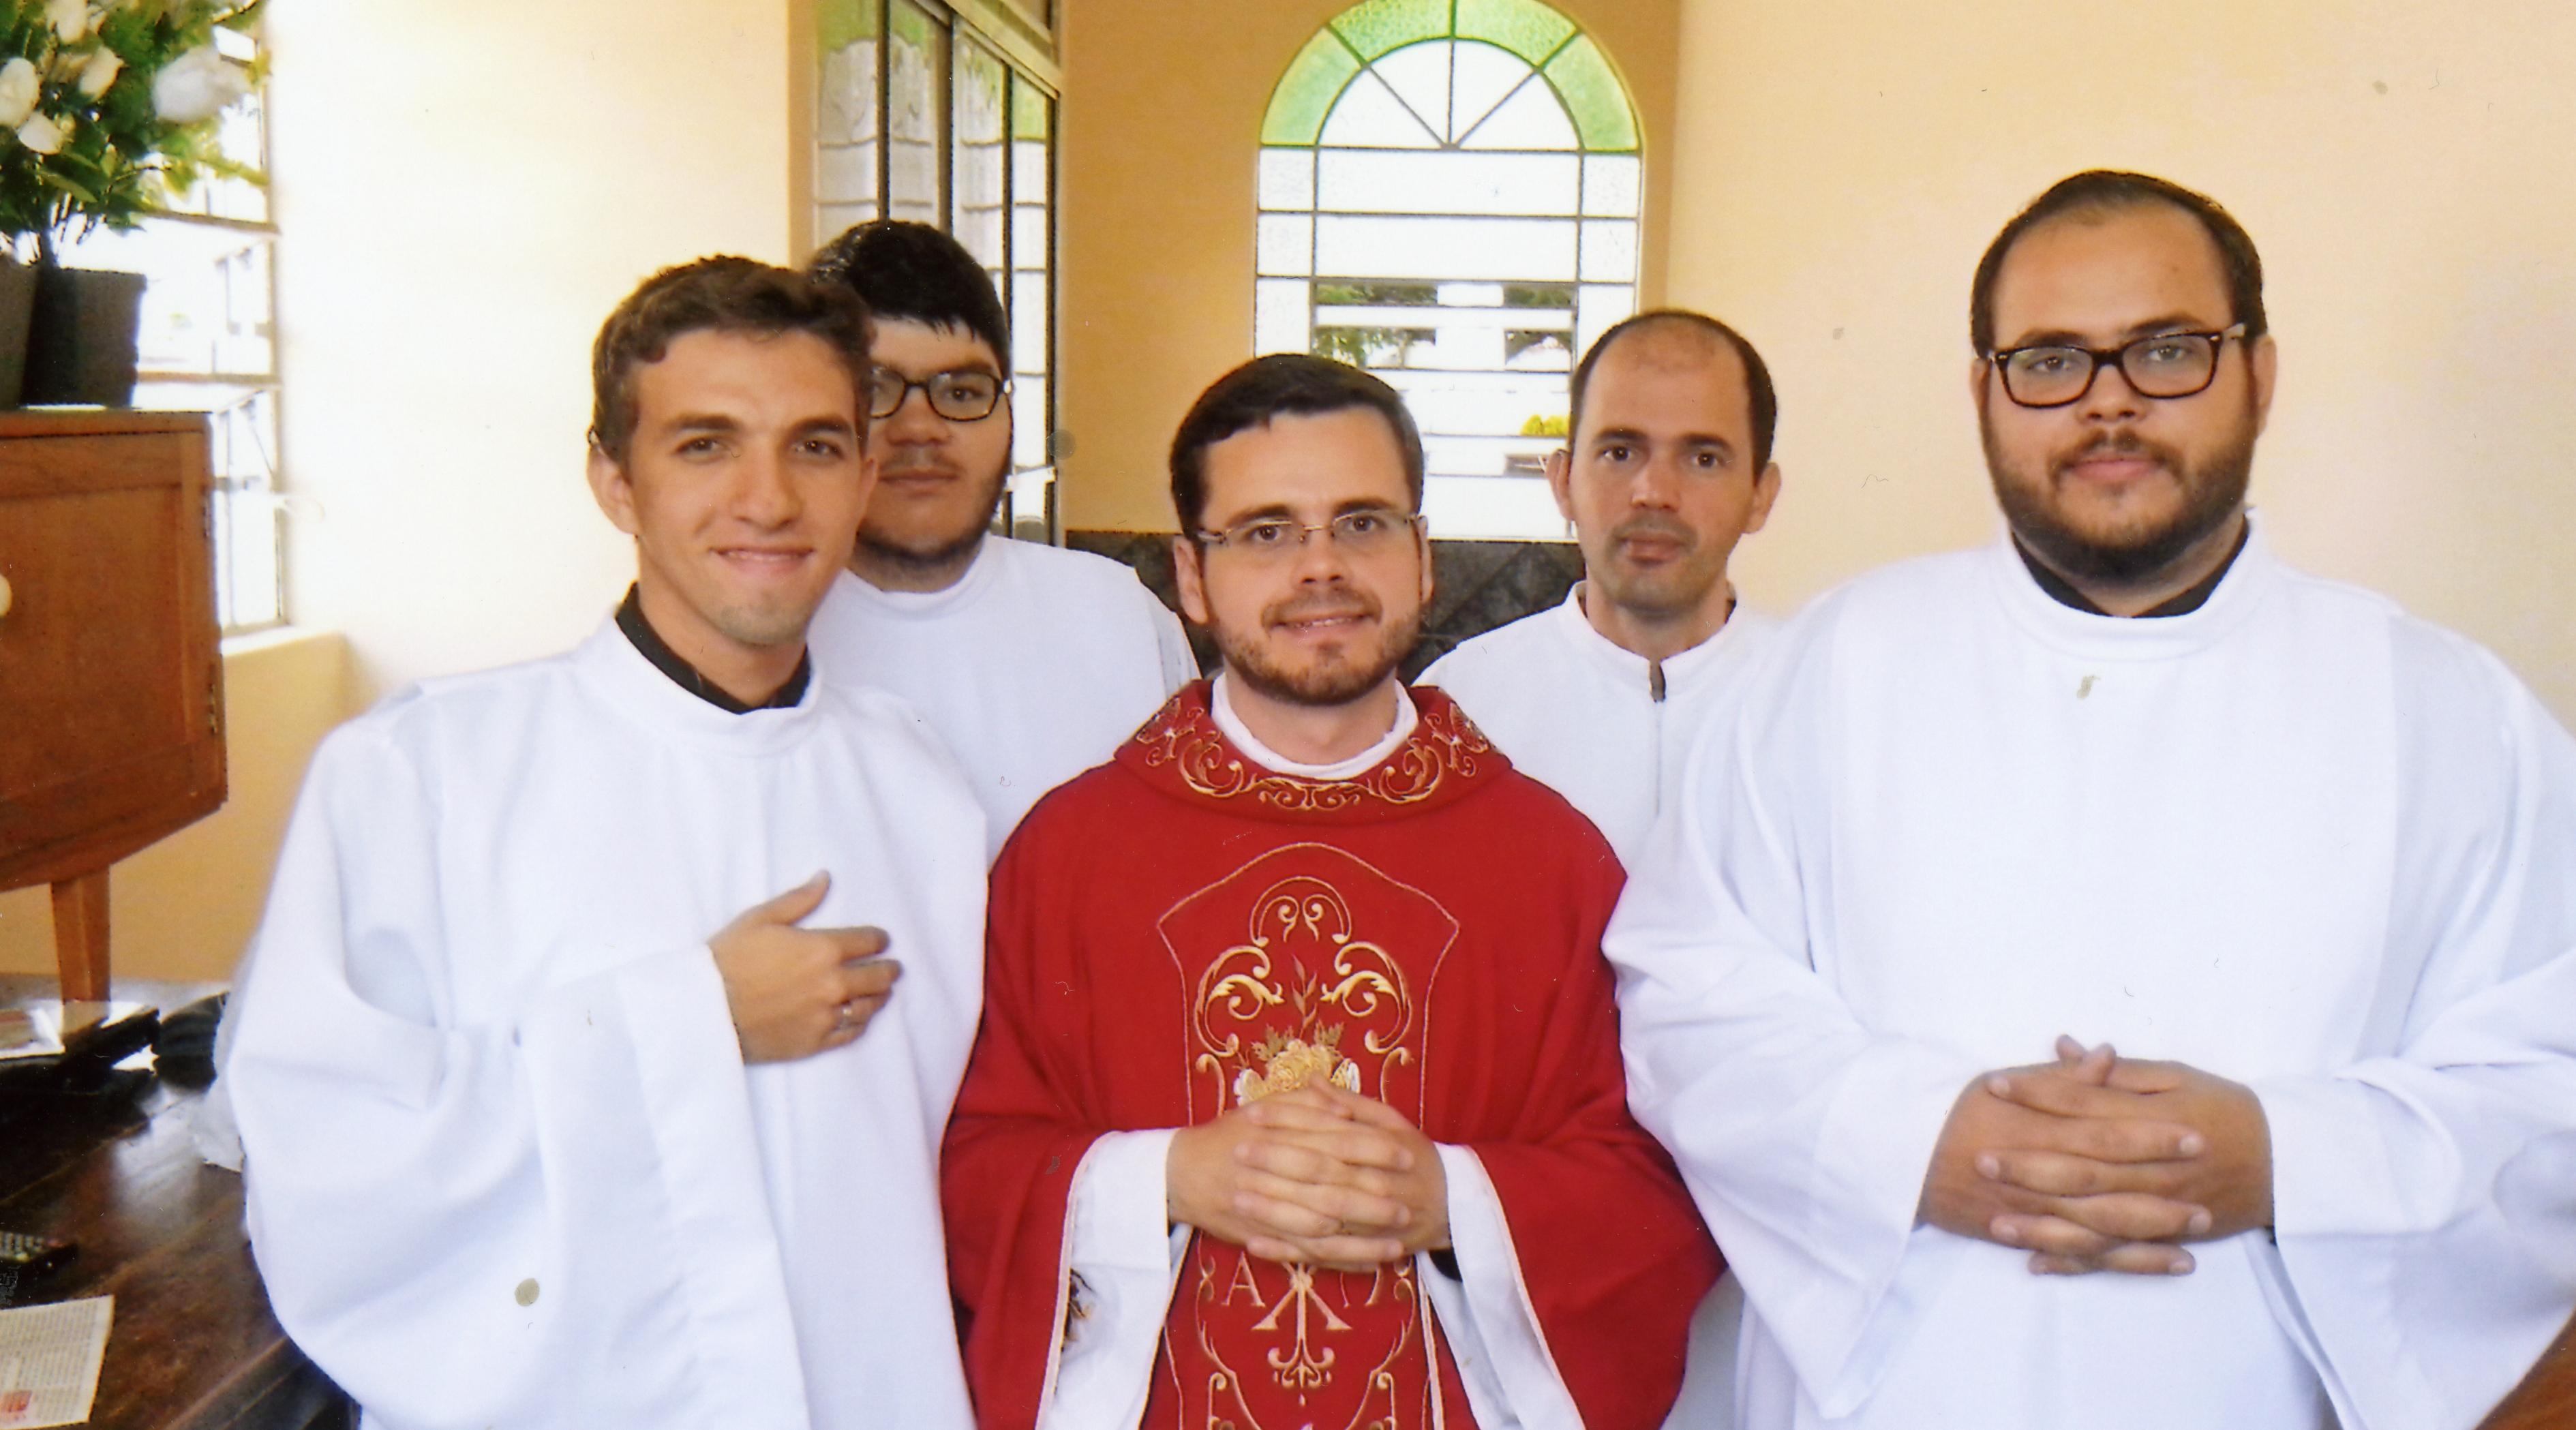 Proyecto del mes: Ayuda a la formación de sacerdotes en Brasil